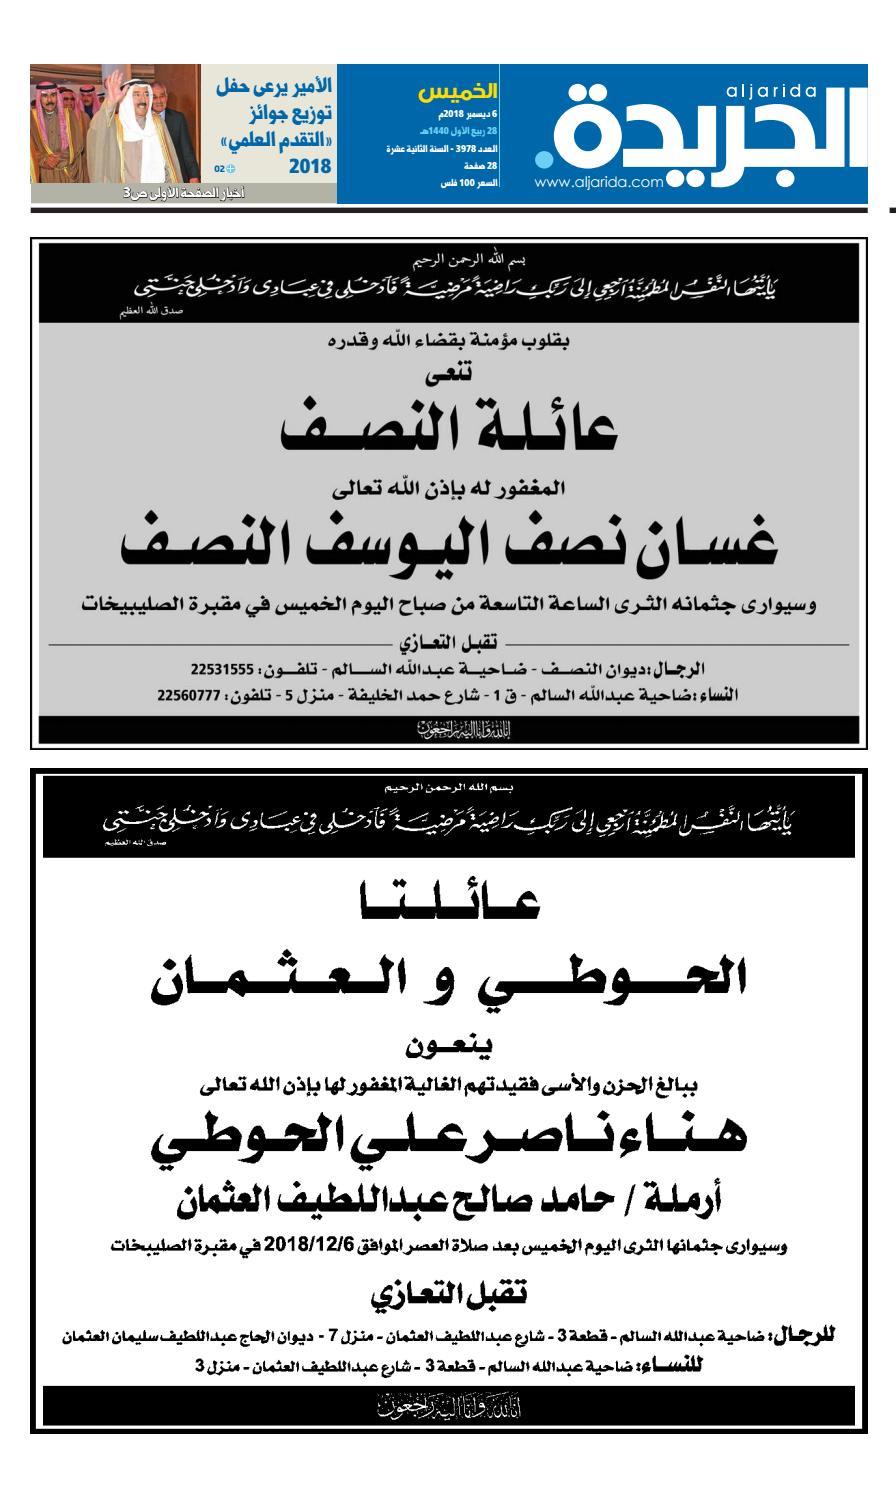 1875fac809f58 عدد الجريدة الخميس 6 ديسمبر 2018 by Aljarida Newspaper - issuu